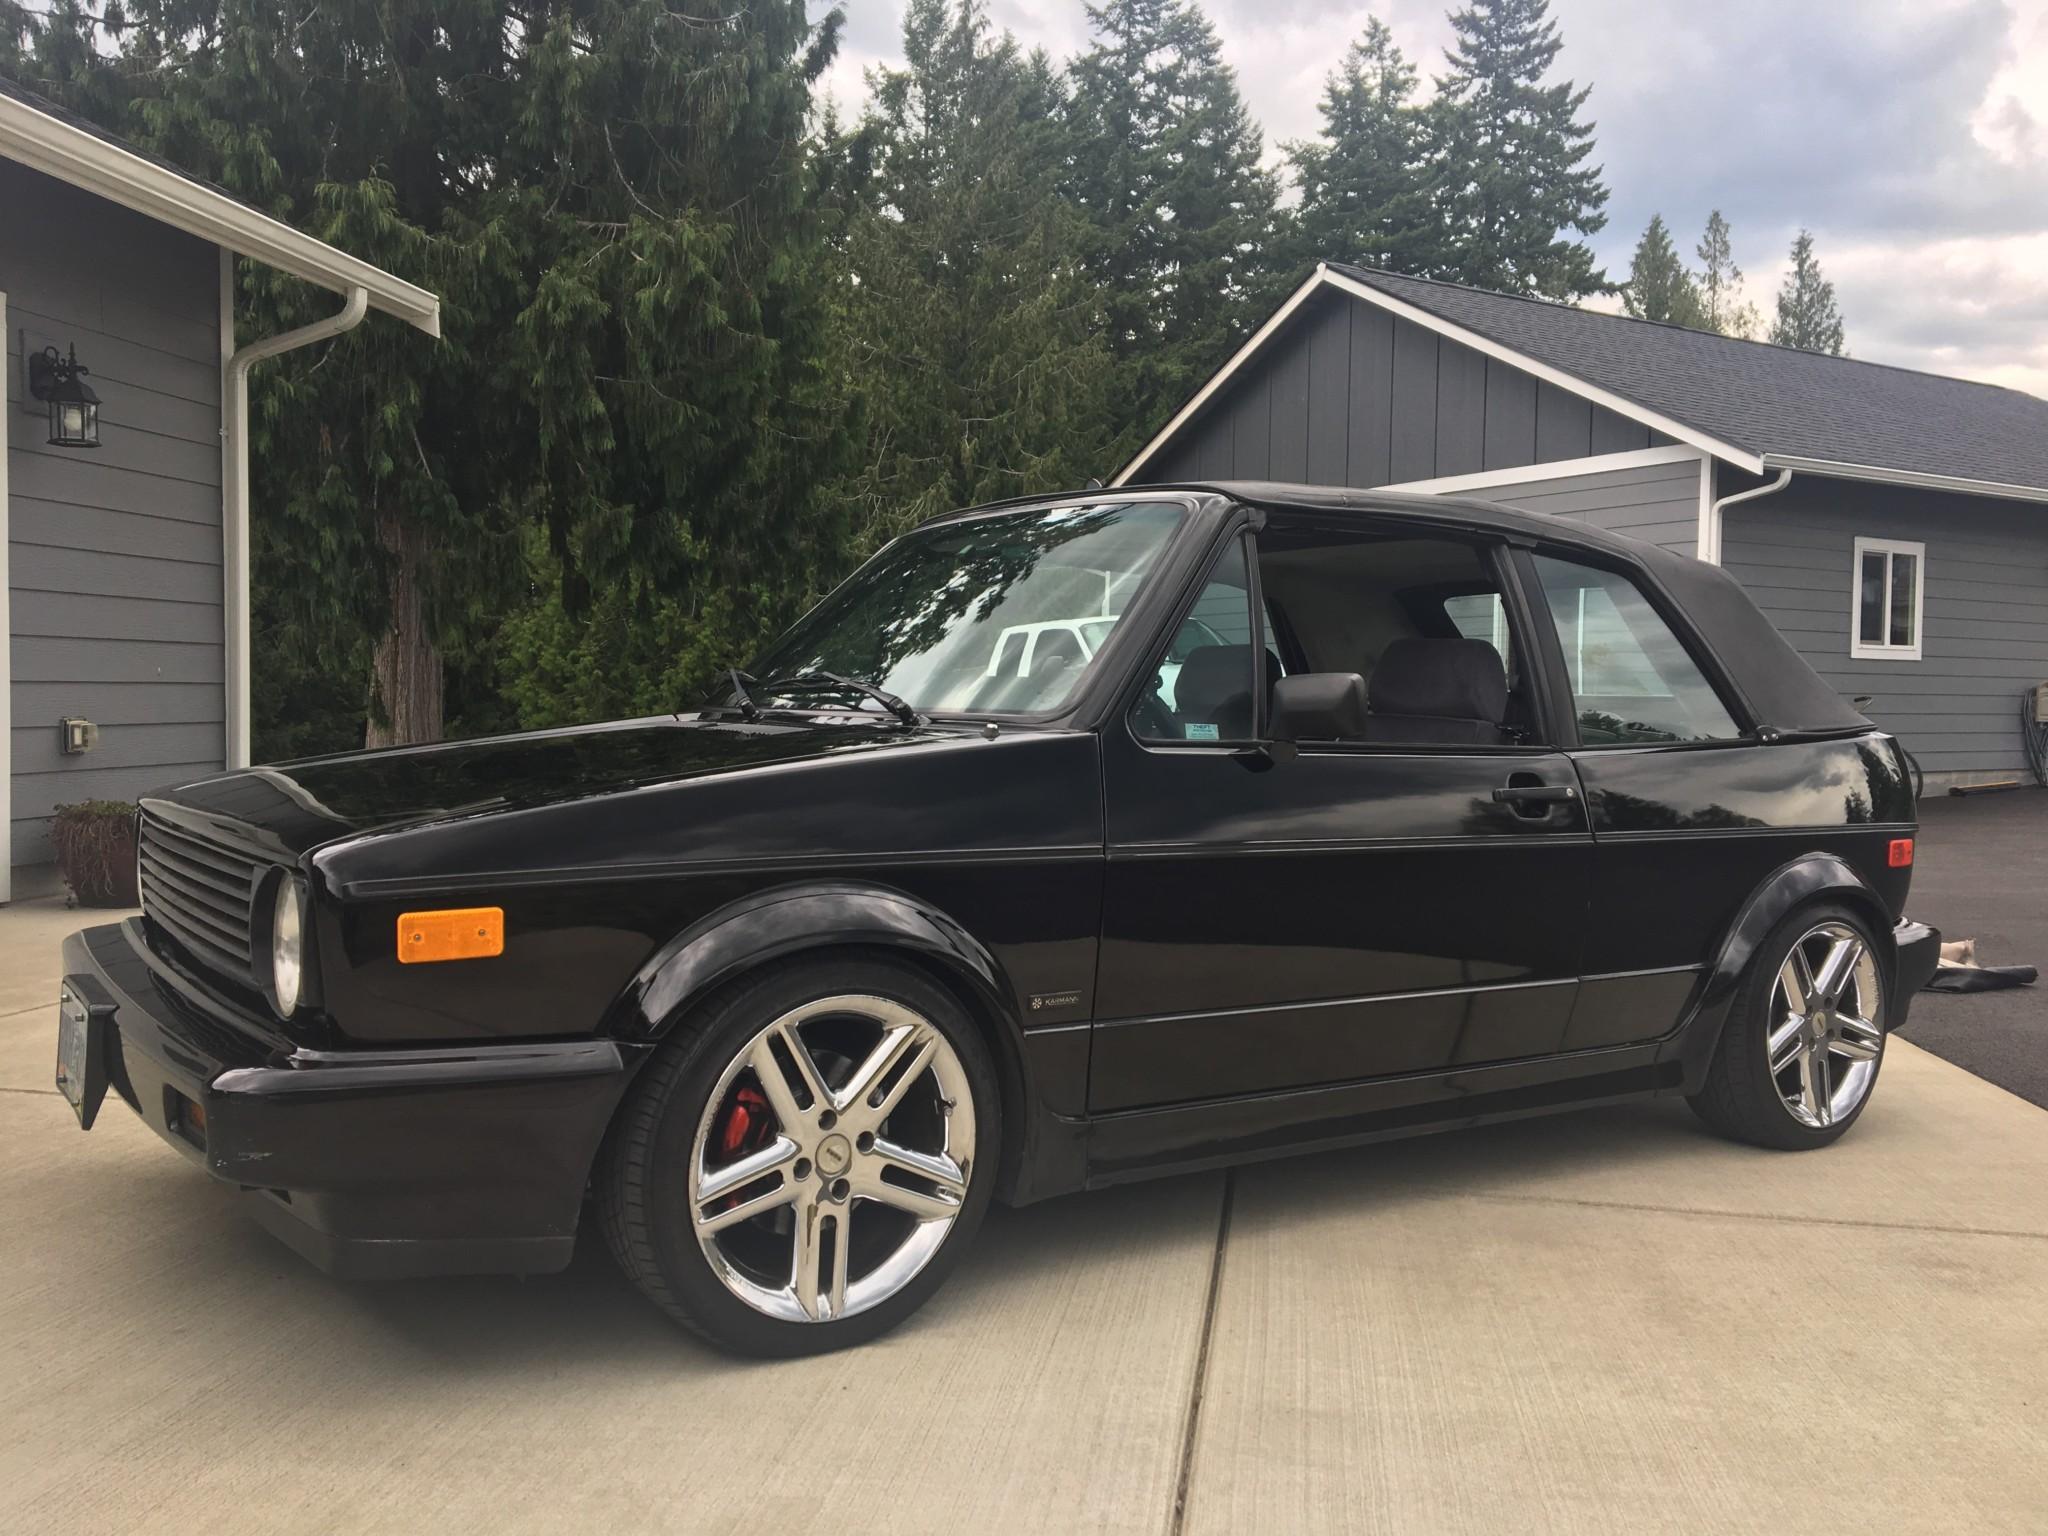 1990_volkswagen_cabriolet_1581206372208495d56ADB2FA9E-EB5A-4002-A894-ED28CDF03784